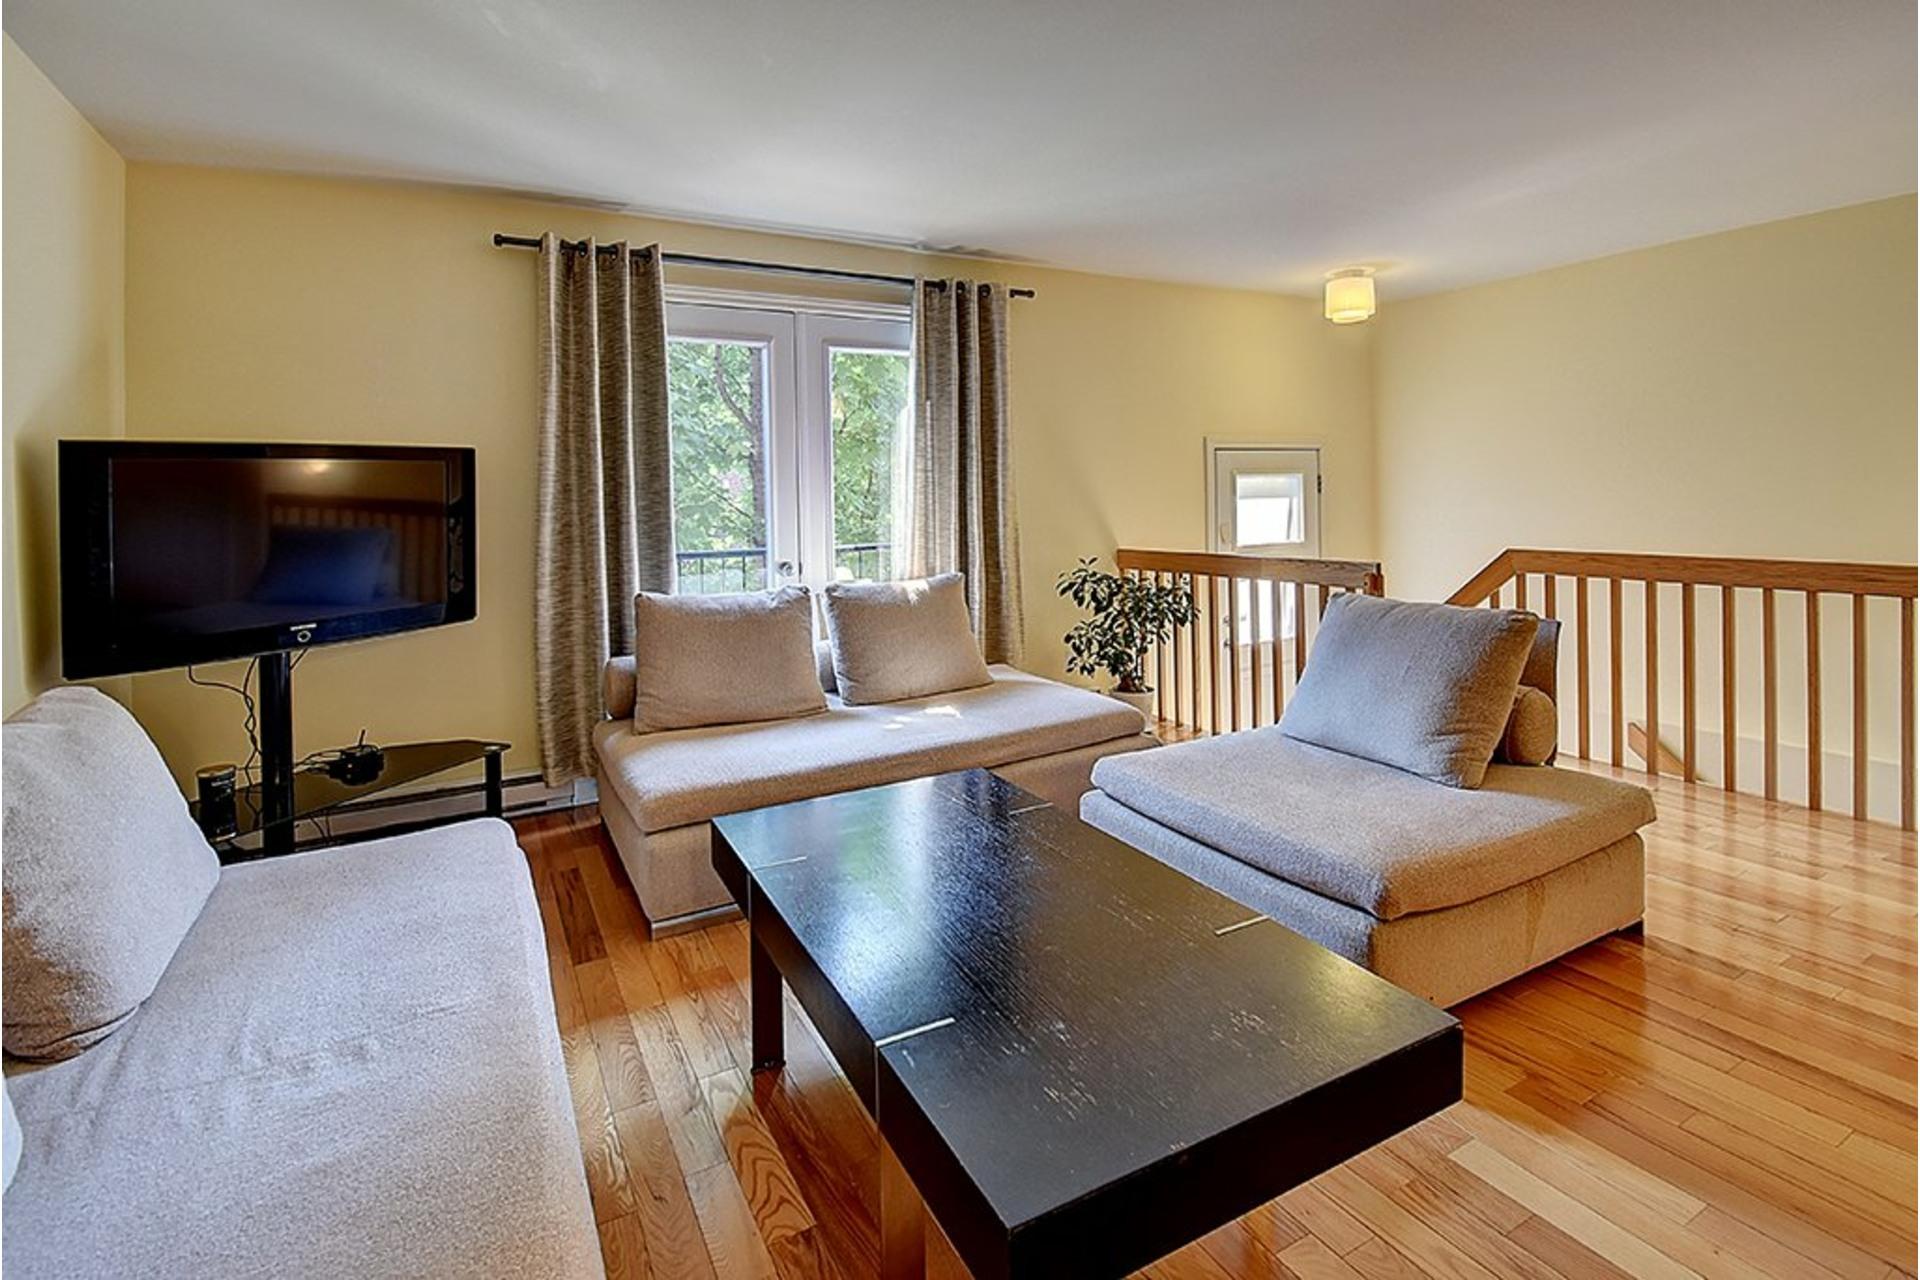 image 5 - Appartement À vendre Verdun/Île-des-Soeurs Montréal  - 11 pièces